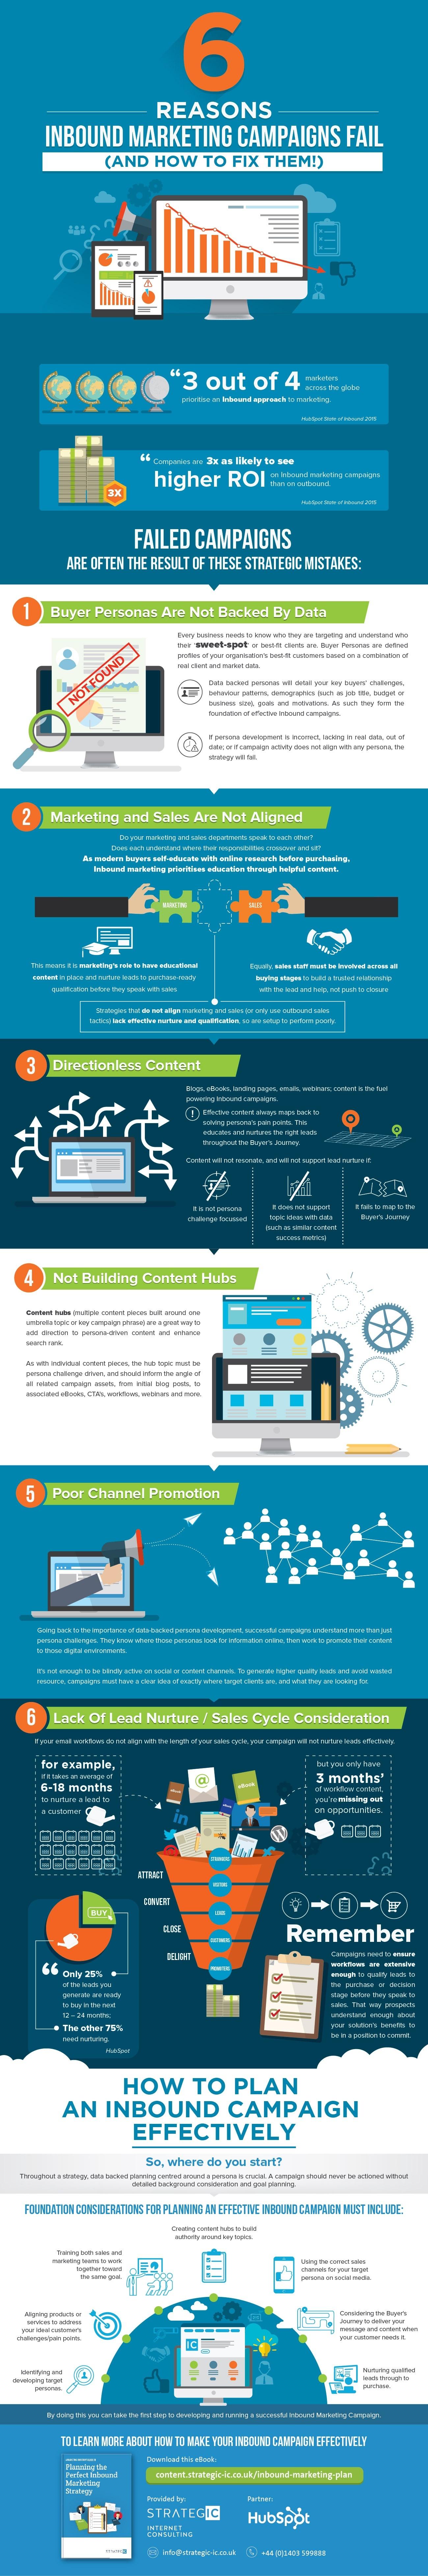 infographic-inbound-marketing-mistakes